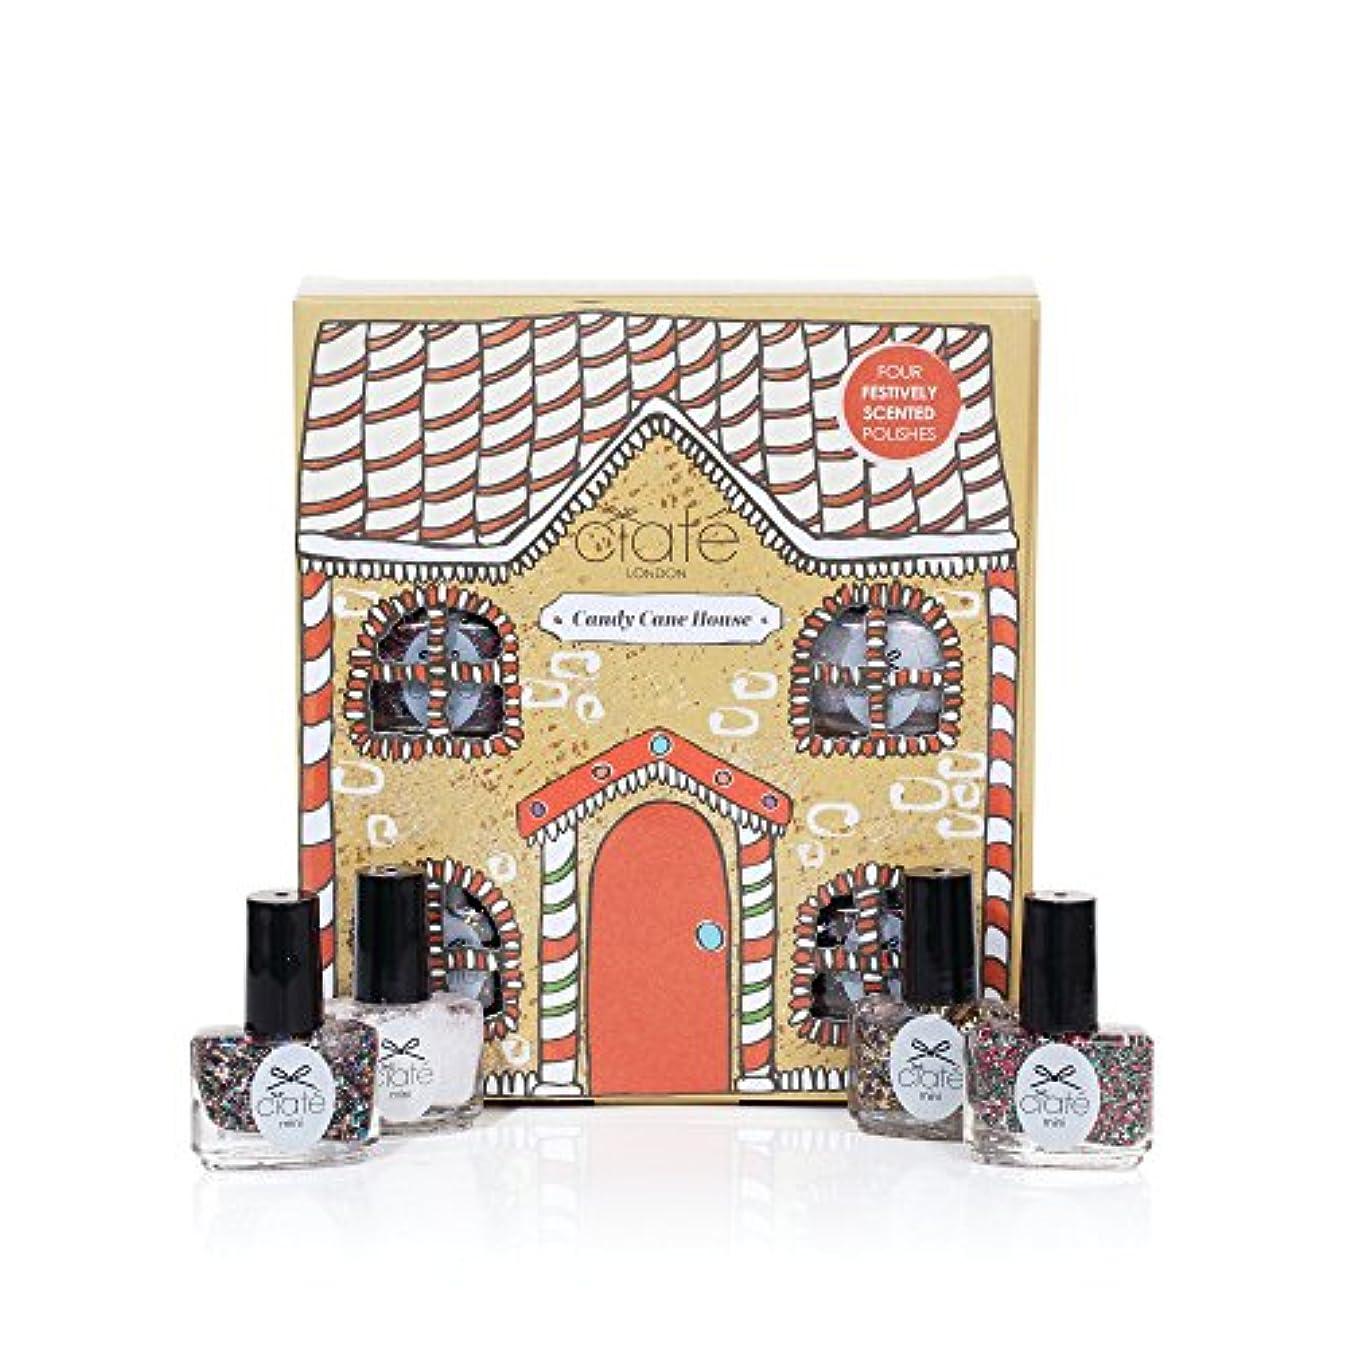 誰でも表面トランジスタCiate London シアテロンドン キャンディーケイン ハウス Candy Cane House 香り付き ネイル ポリッシュ 5mL×4本入りセット